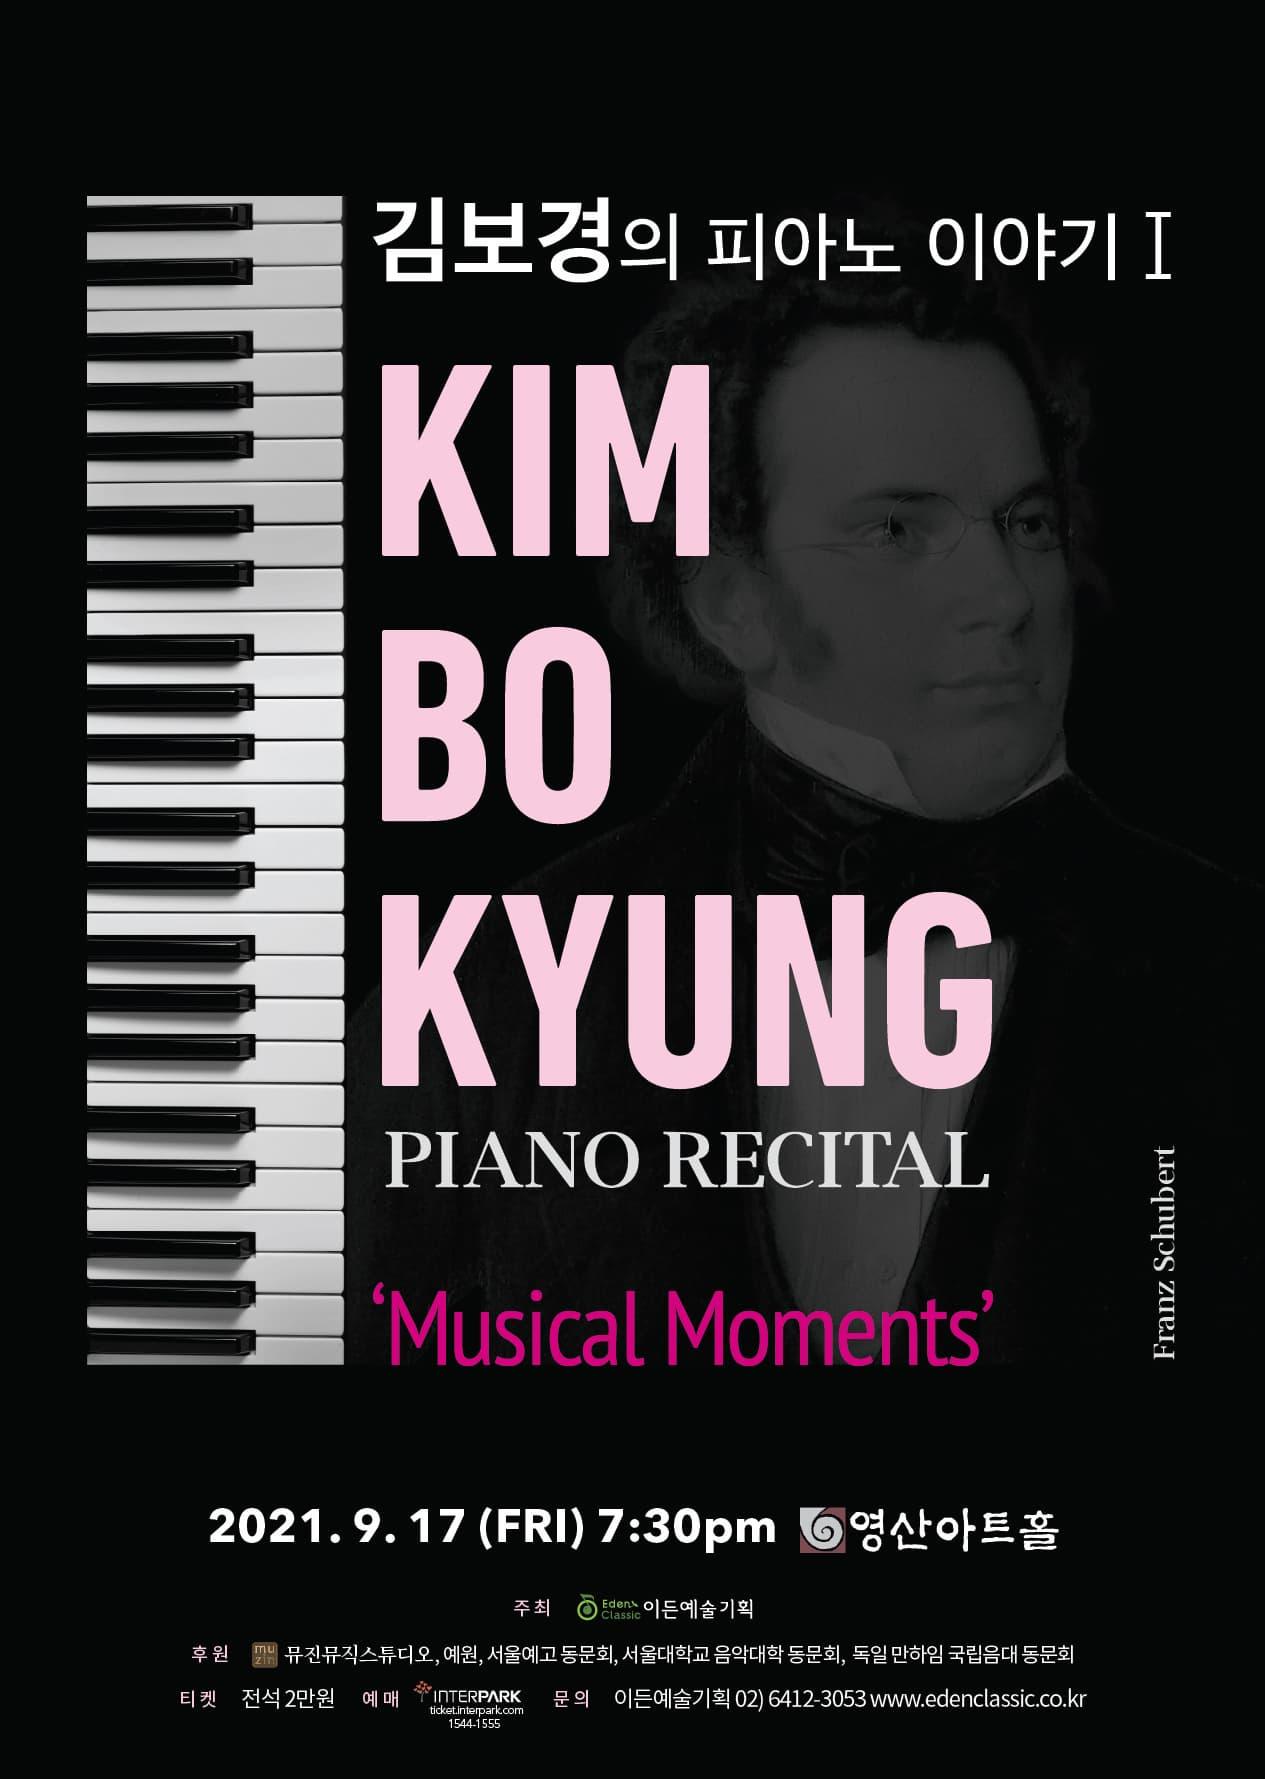 [09.17] 김보경의 피아노 이야기 I